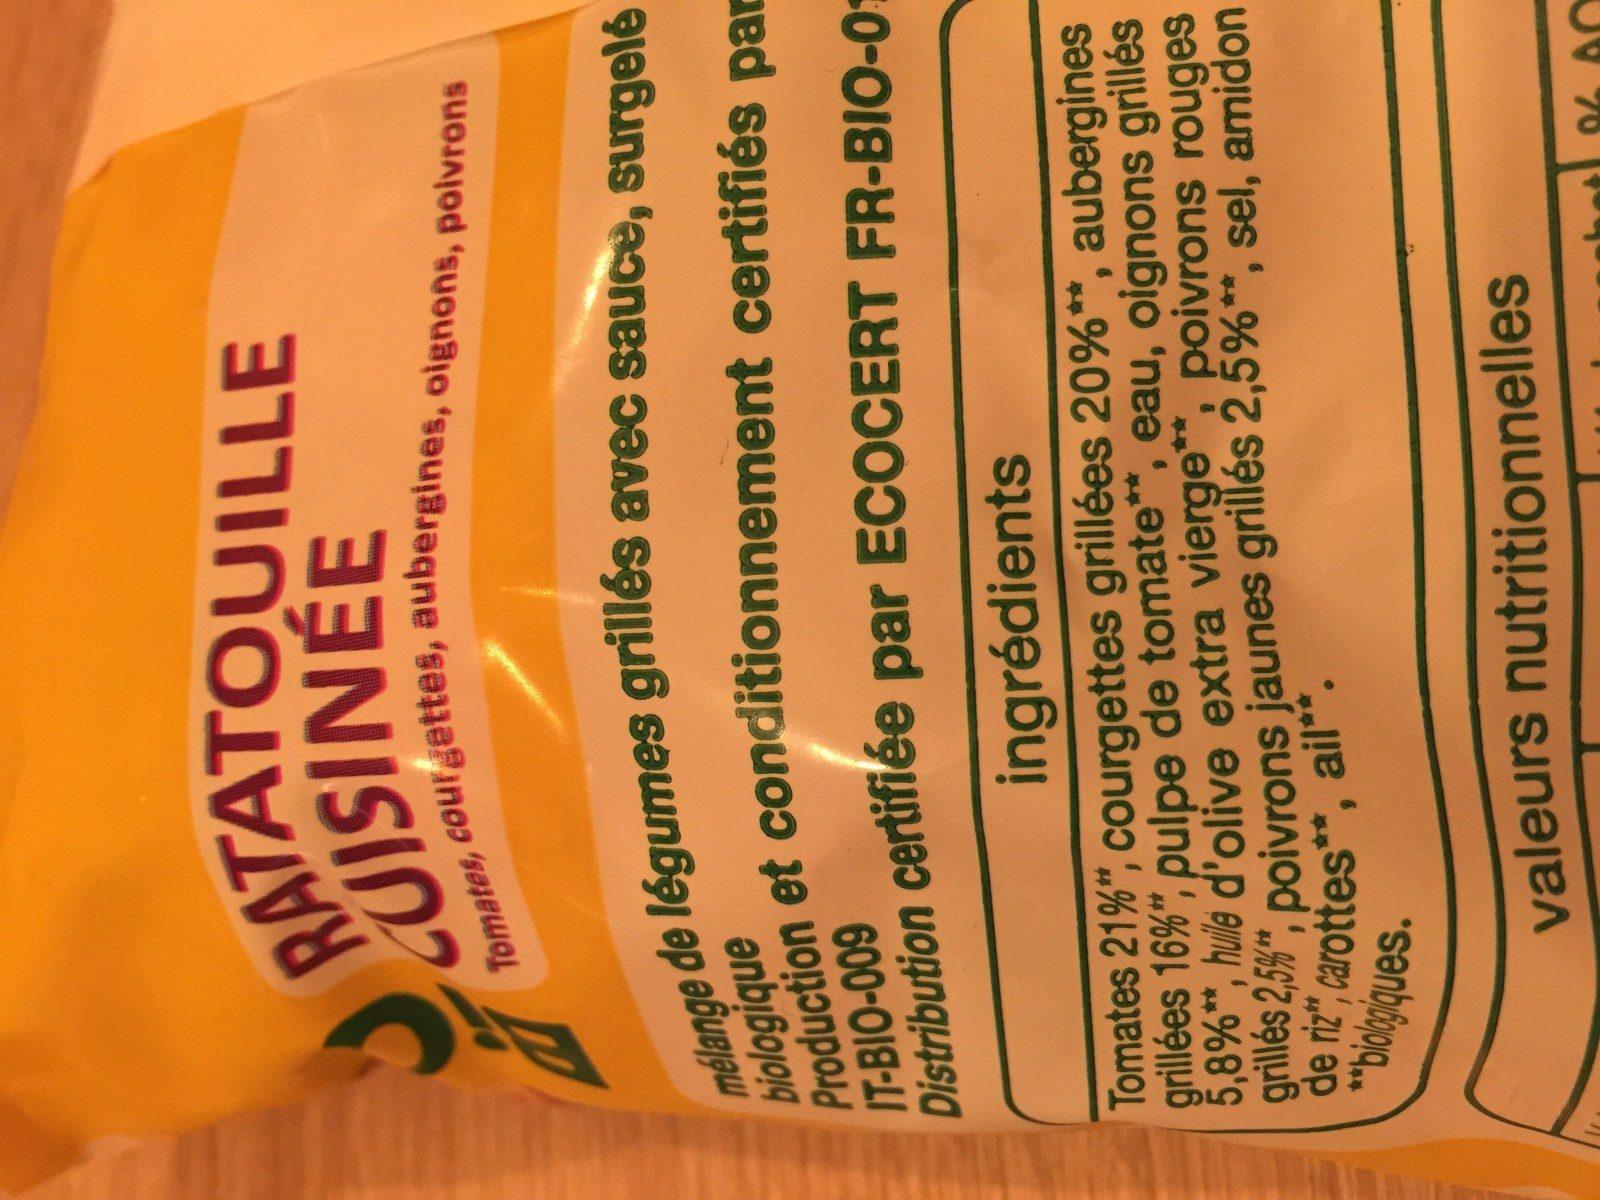 Ratatouille cuisinée surgelée - Ingrédients - fr